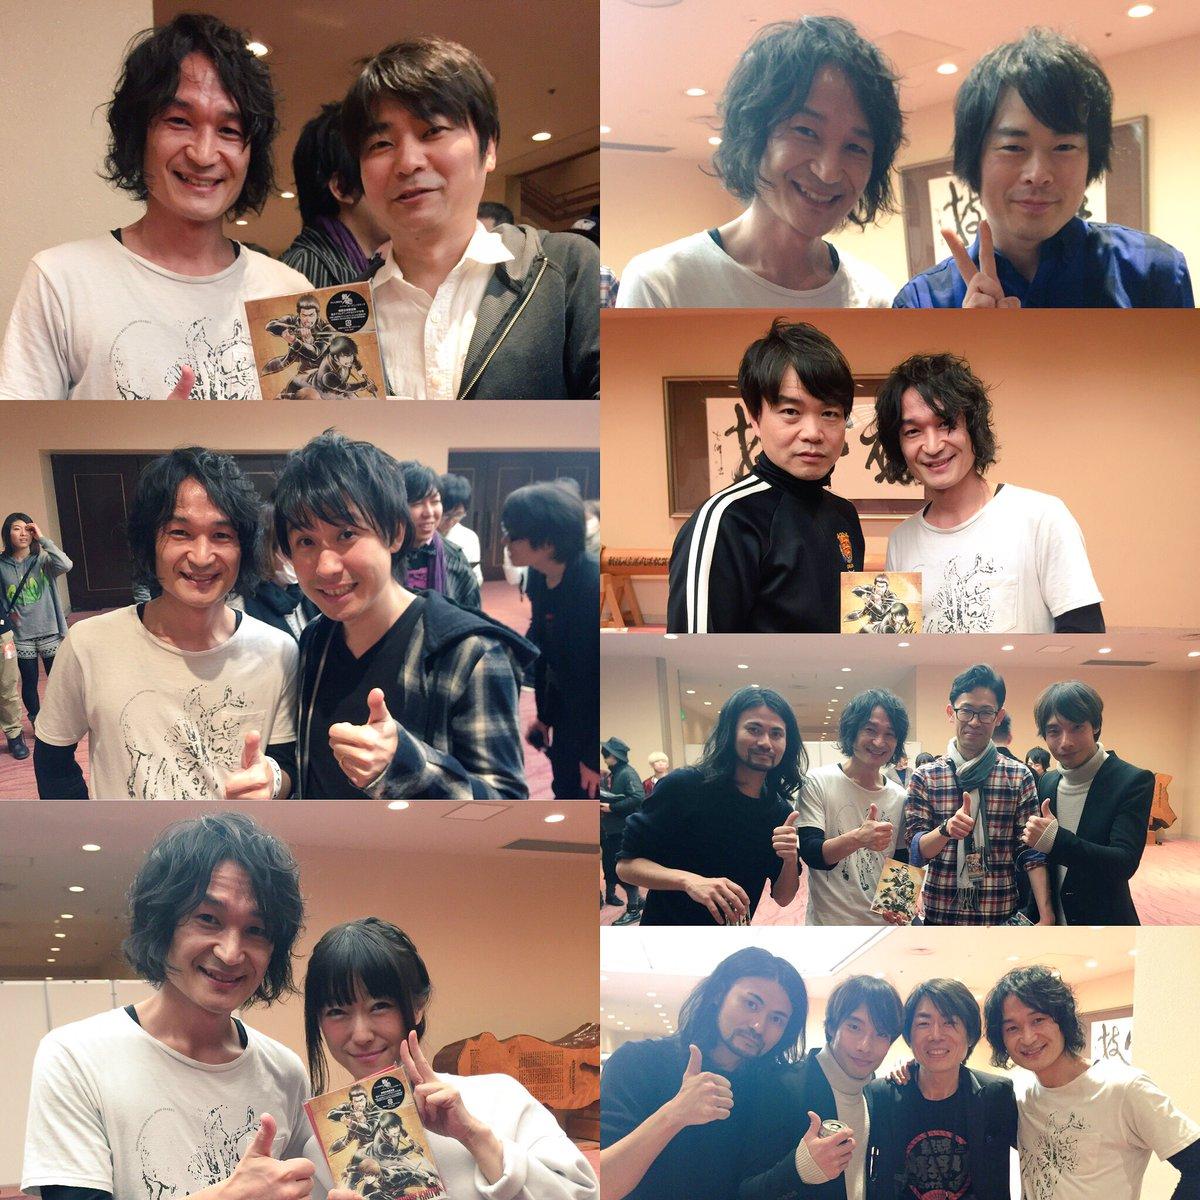 昨日は名だたる声優さん達とお会いできて光栄でした(アニメ好きでよかった!)。樋口さん、池内さんありがとうございました!忘れ難い思い出になりました。 #gintama #銀魂晴祭り #銀魂 https://t.co/ul26J46Ept